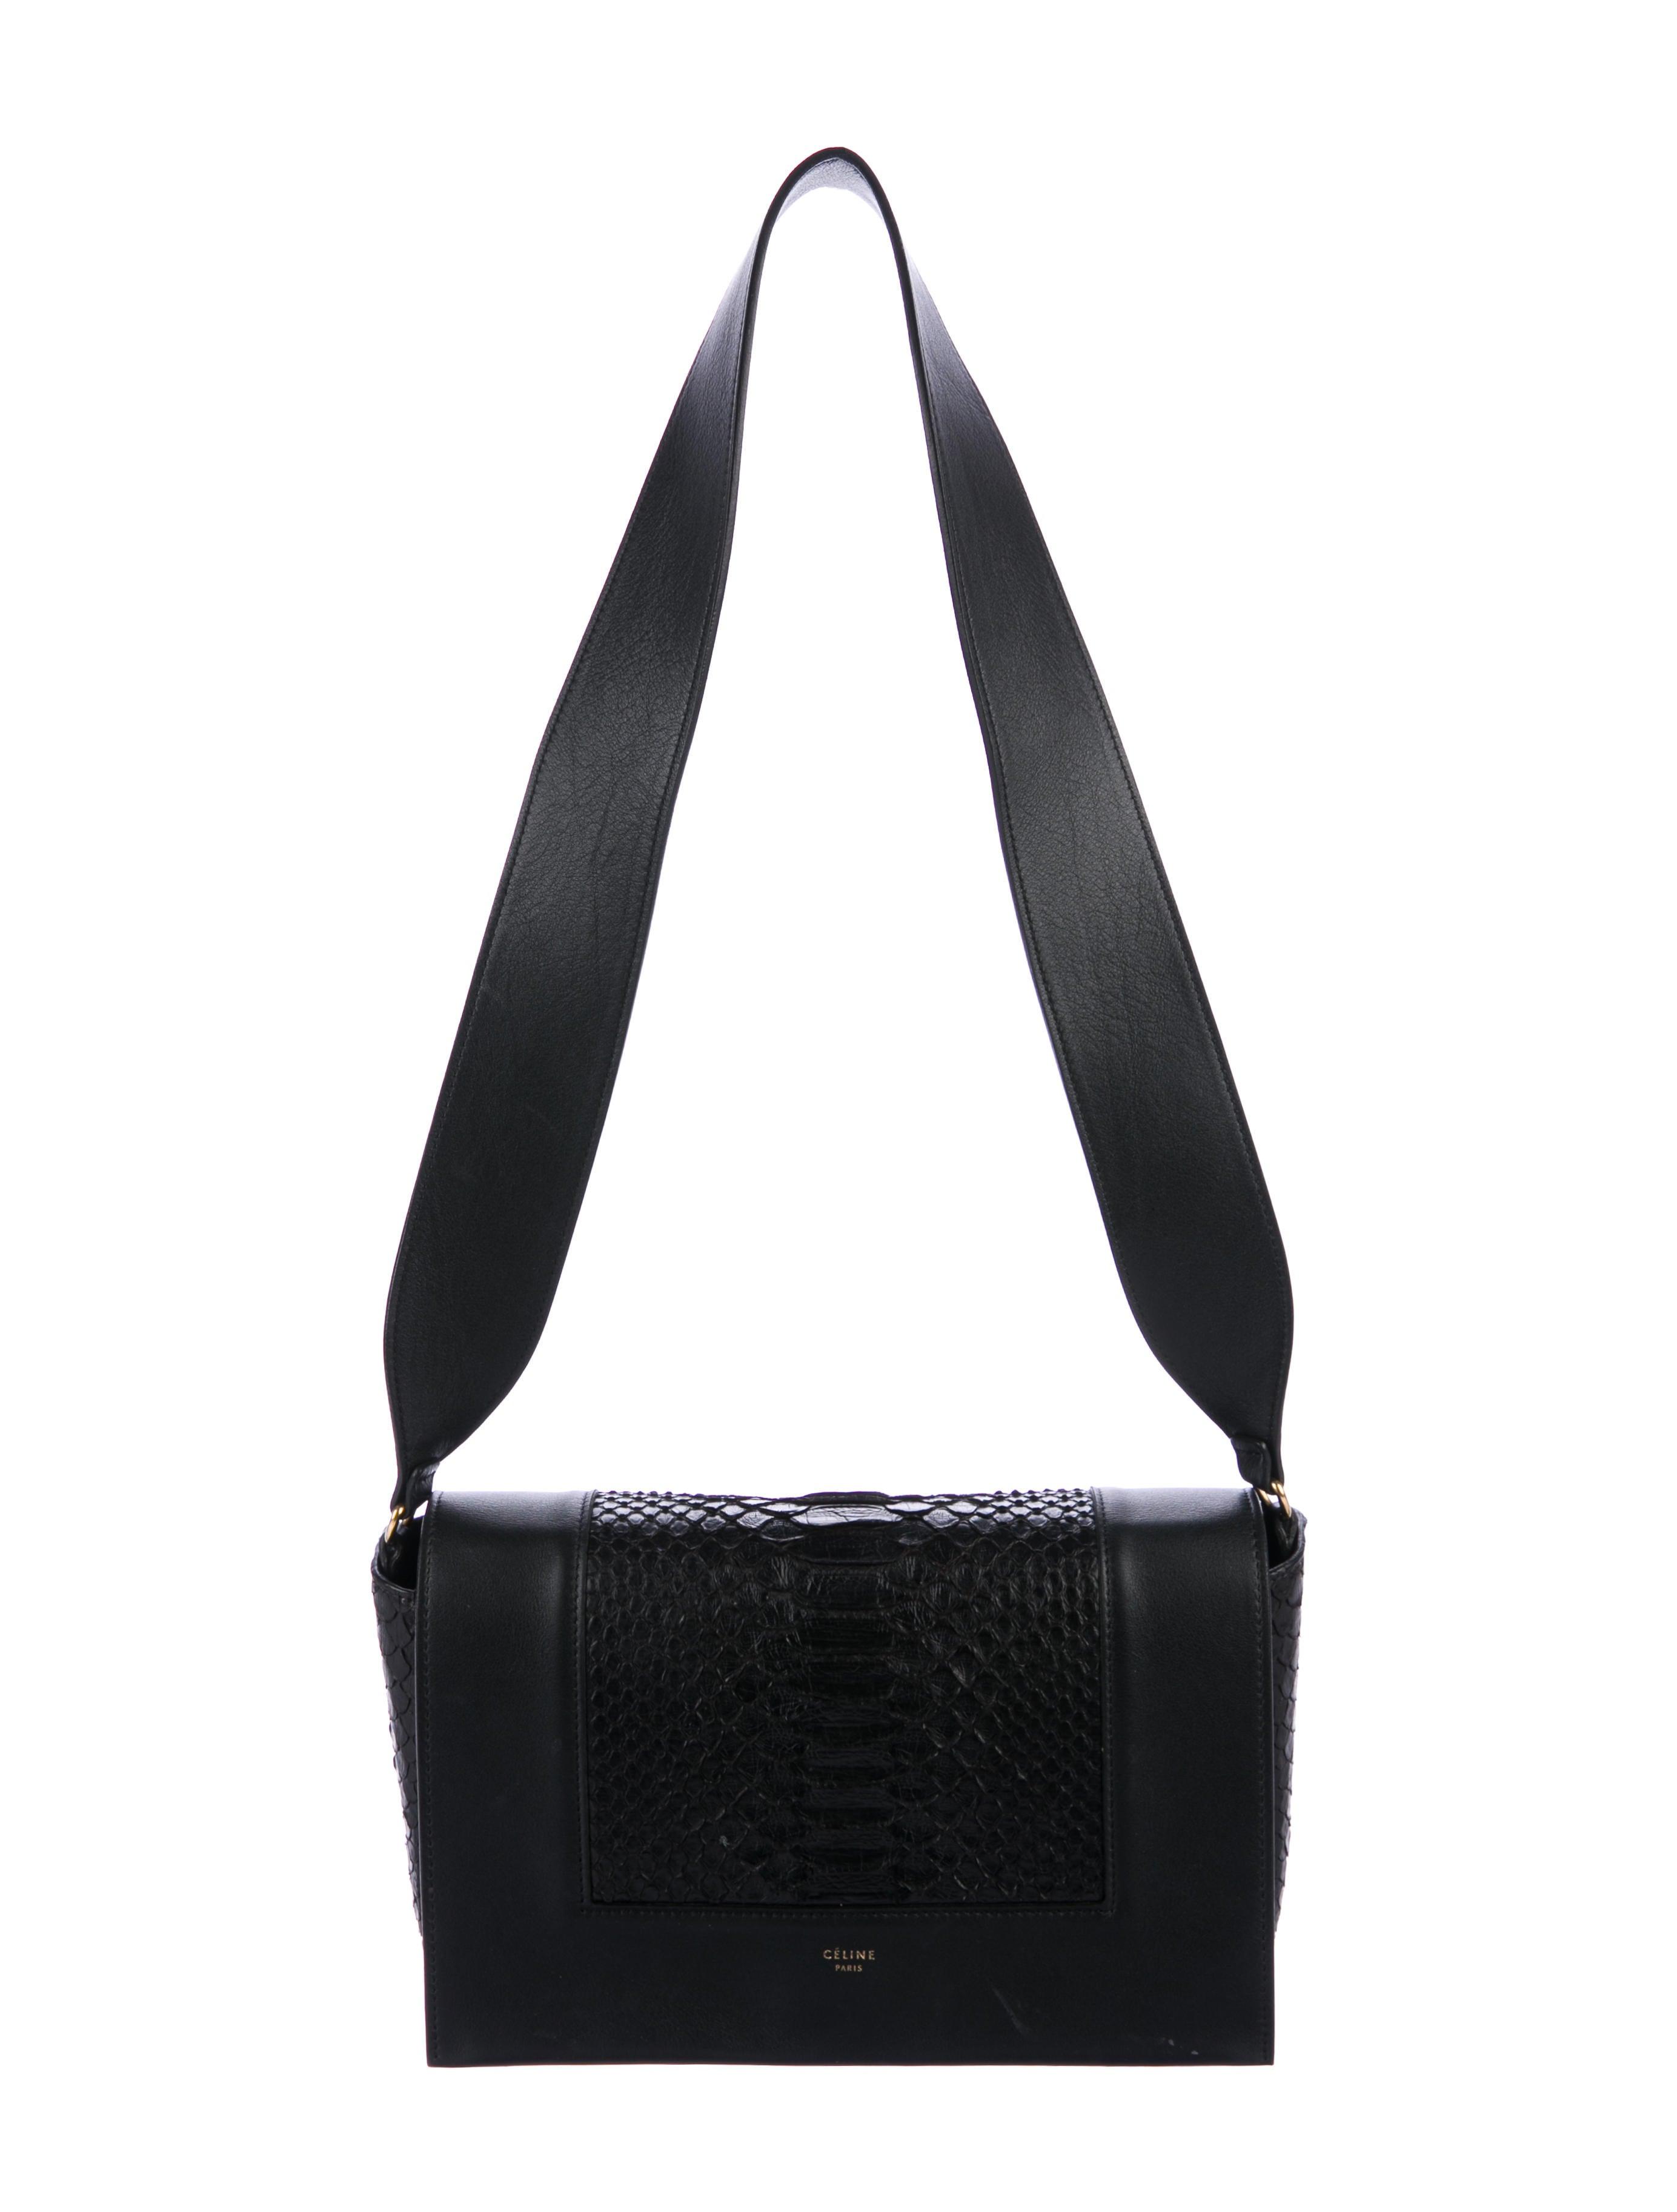 39cbd304b0 Céline 2016 Python Frame Bag